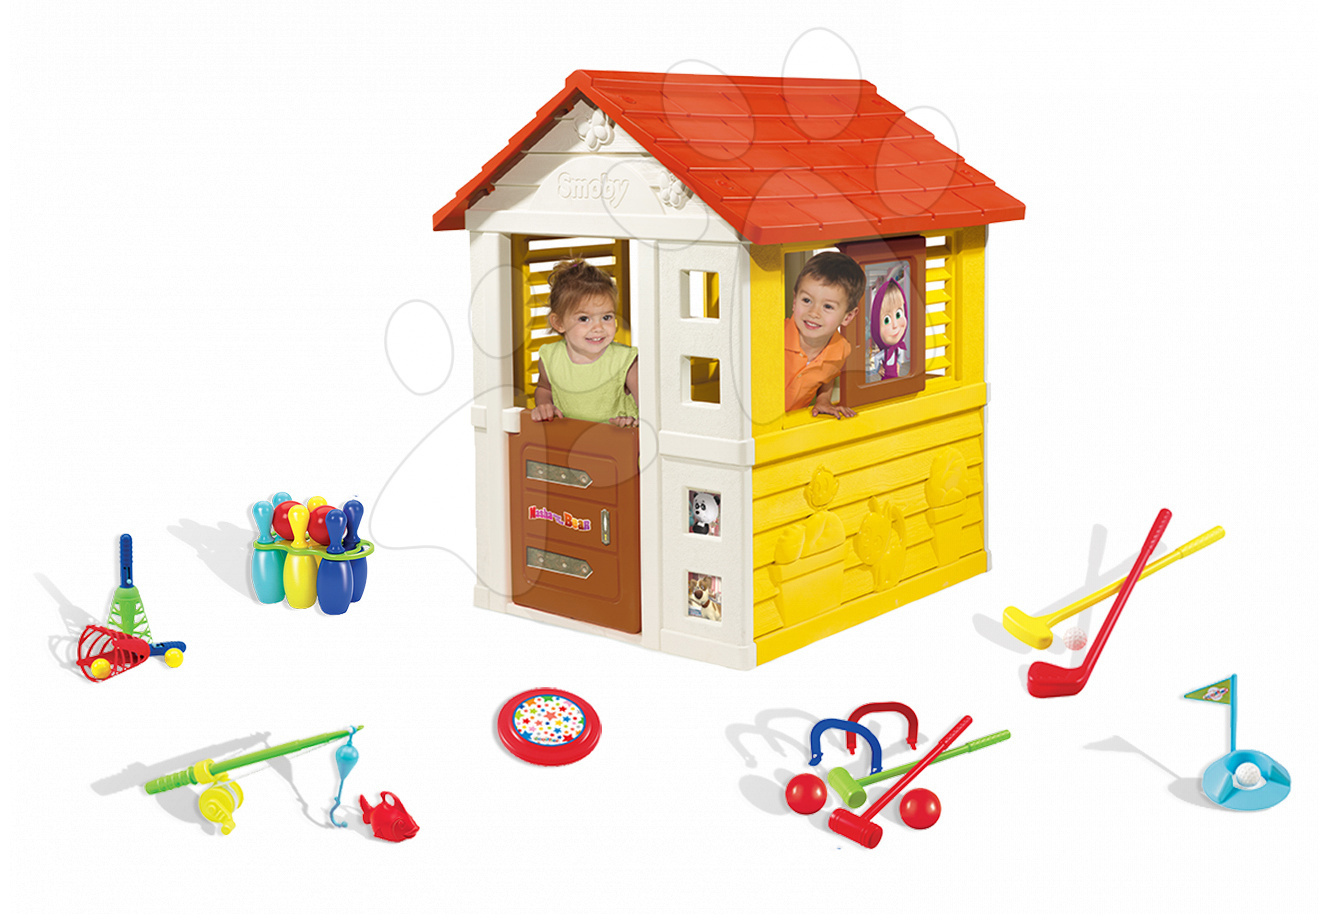 Set domeček pro děti Máša a medvěd Pretty Smoby se zasouvací okenicí a sportovní set 7 her od 2 let